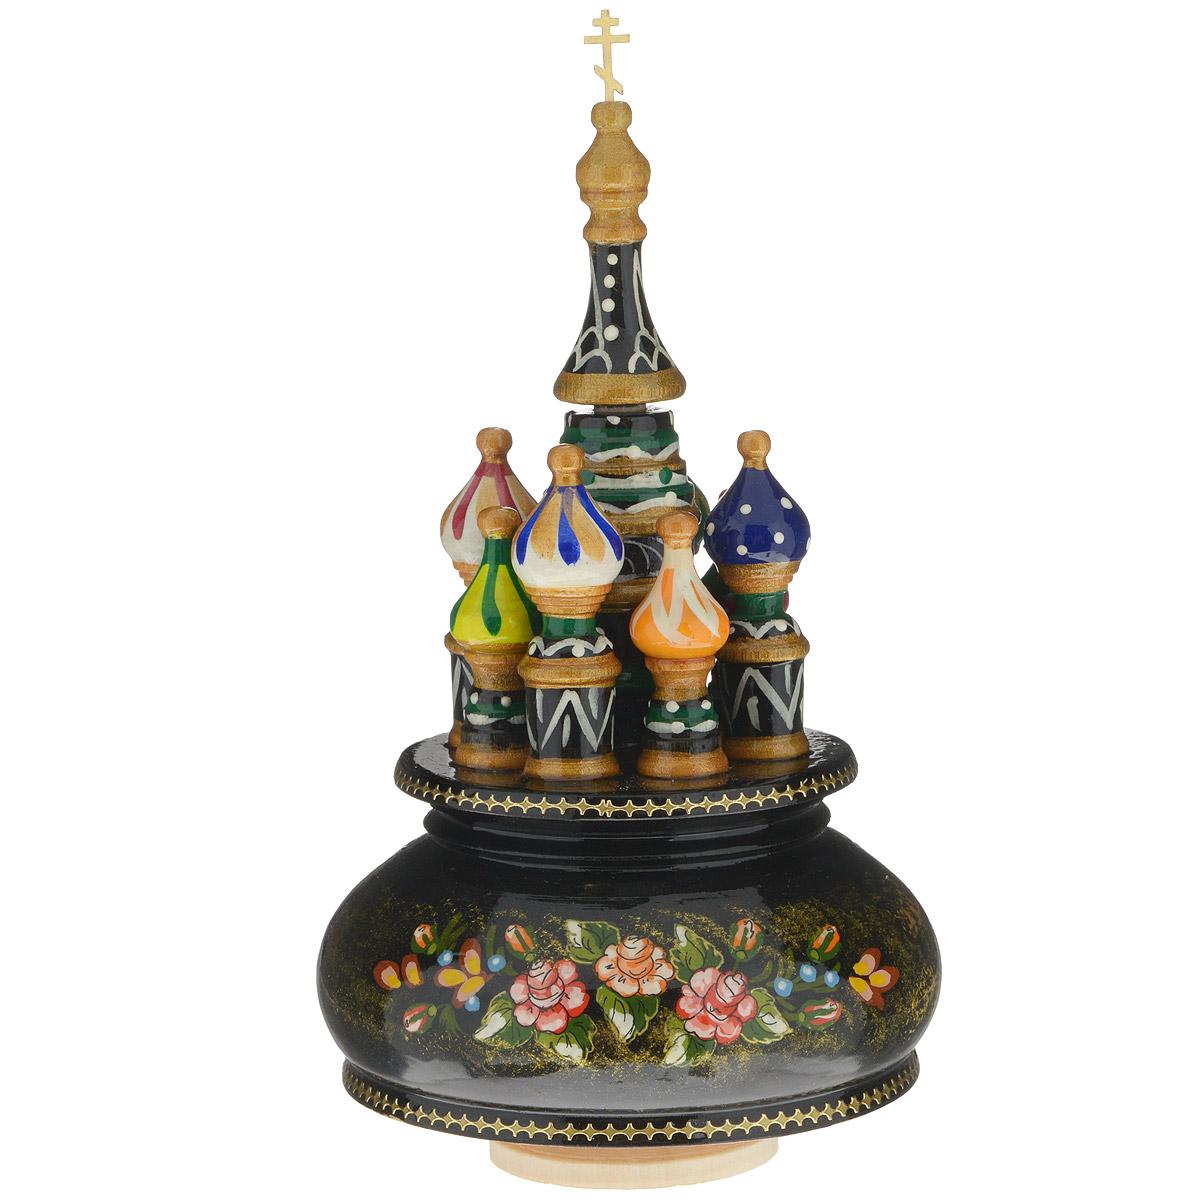 Фигурка декоративная Sima-land Храм, музыкальная, высота 21 см. 10799181079918Декоративная фигурка Sima-land Храм, выполненная из дерева в виде храма, покрыта лаком и оформлена красочными рисунками. Основание фигурки крутится и предназначено для завода музыкального механизма. Поверните основание фигурки, и она начнет медленно вращаться, и заиграет приятная мелодия. Декоративная музыкальна фигурка Sima-land Храм не оставит равнодушным ни одного любителя изысканных вещей и станет прекрасным подарком. Размер фигурки: 11 см х 11 см х 21 см.